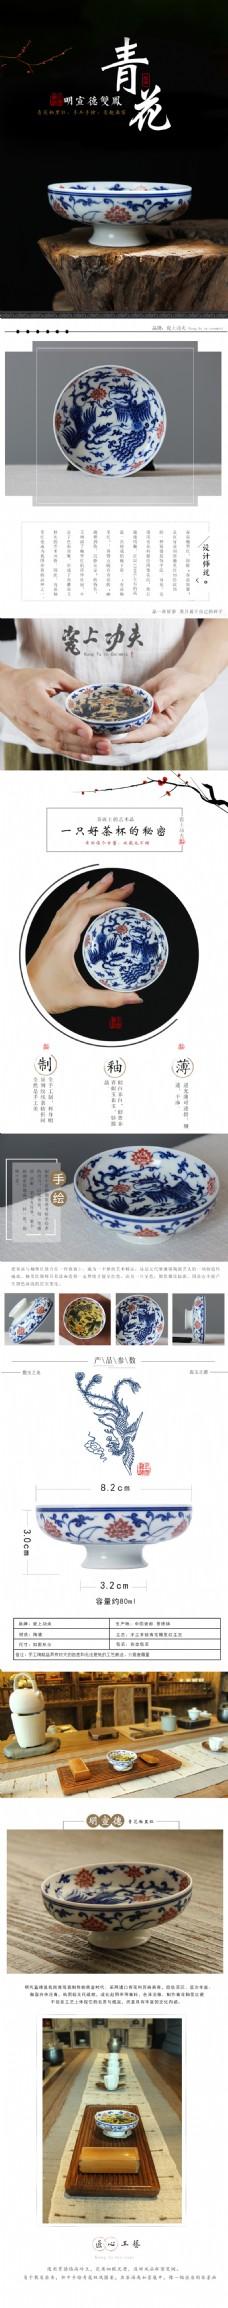 青花陶瓷品茗杯杯子淘宝天猫详情